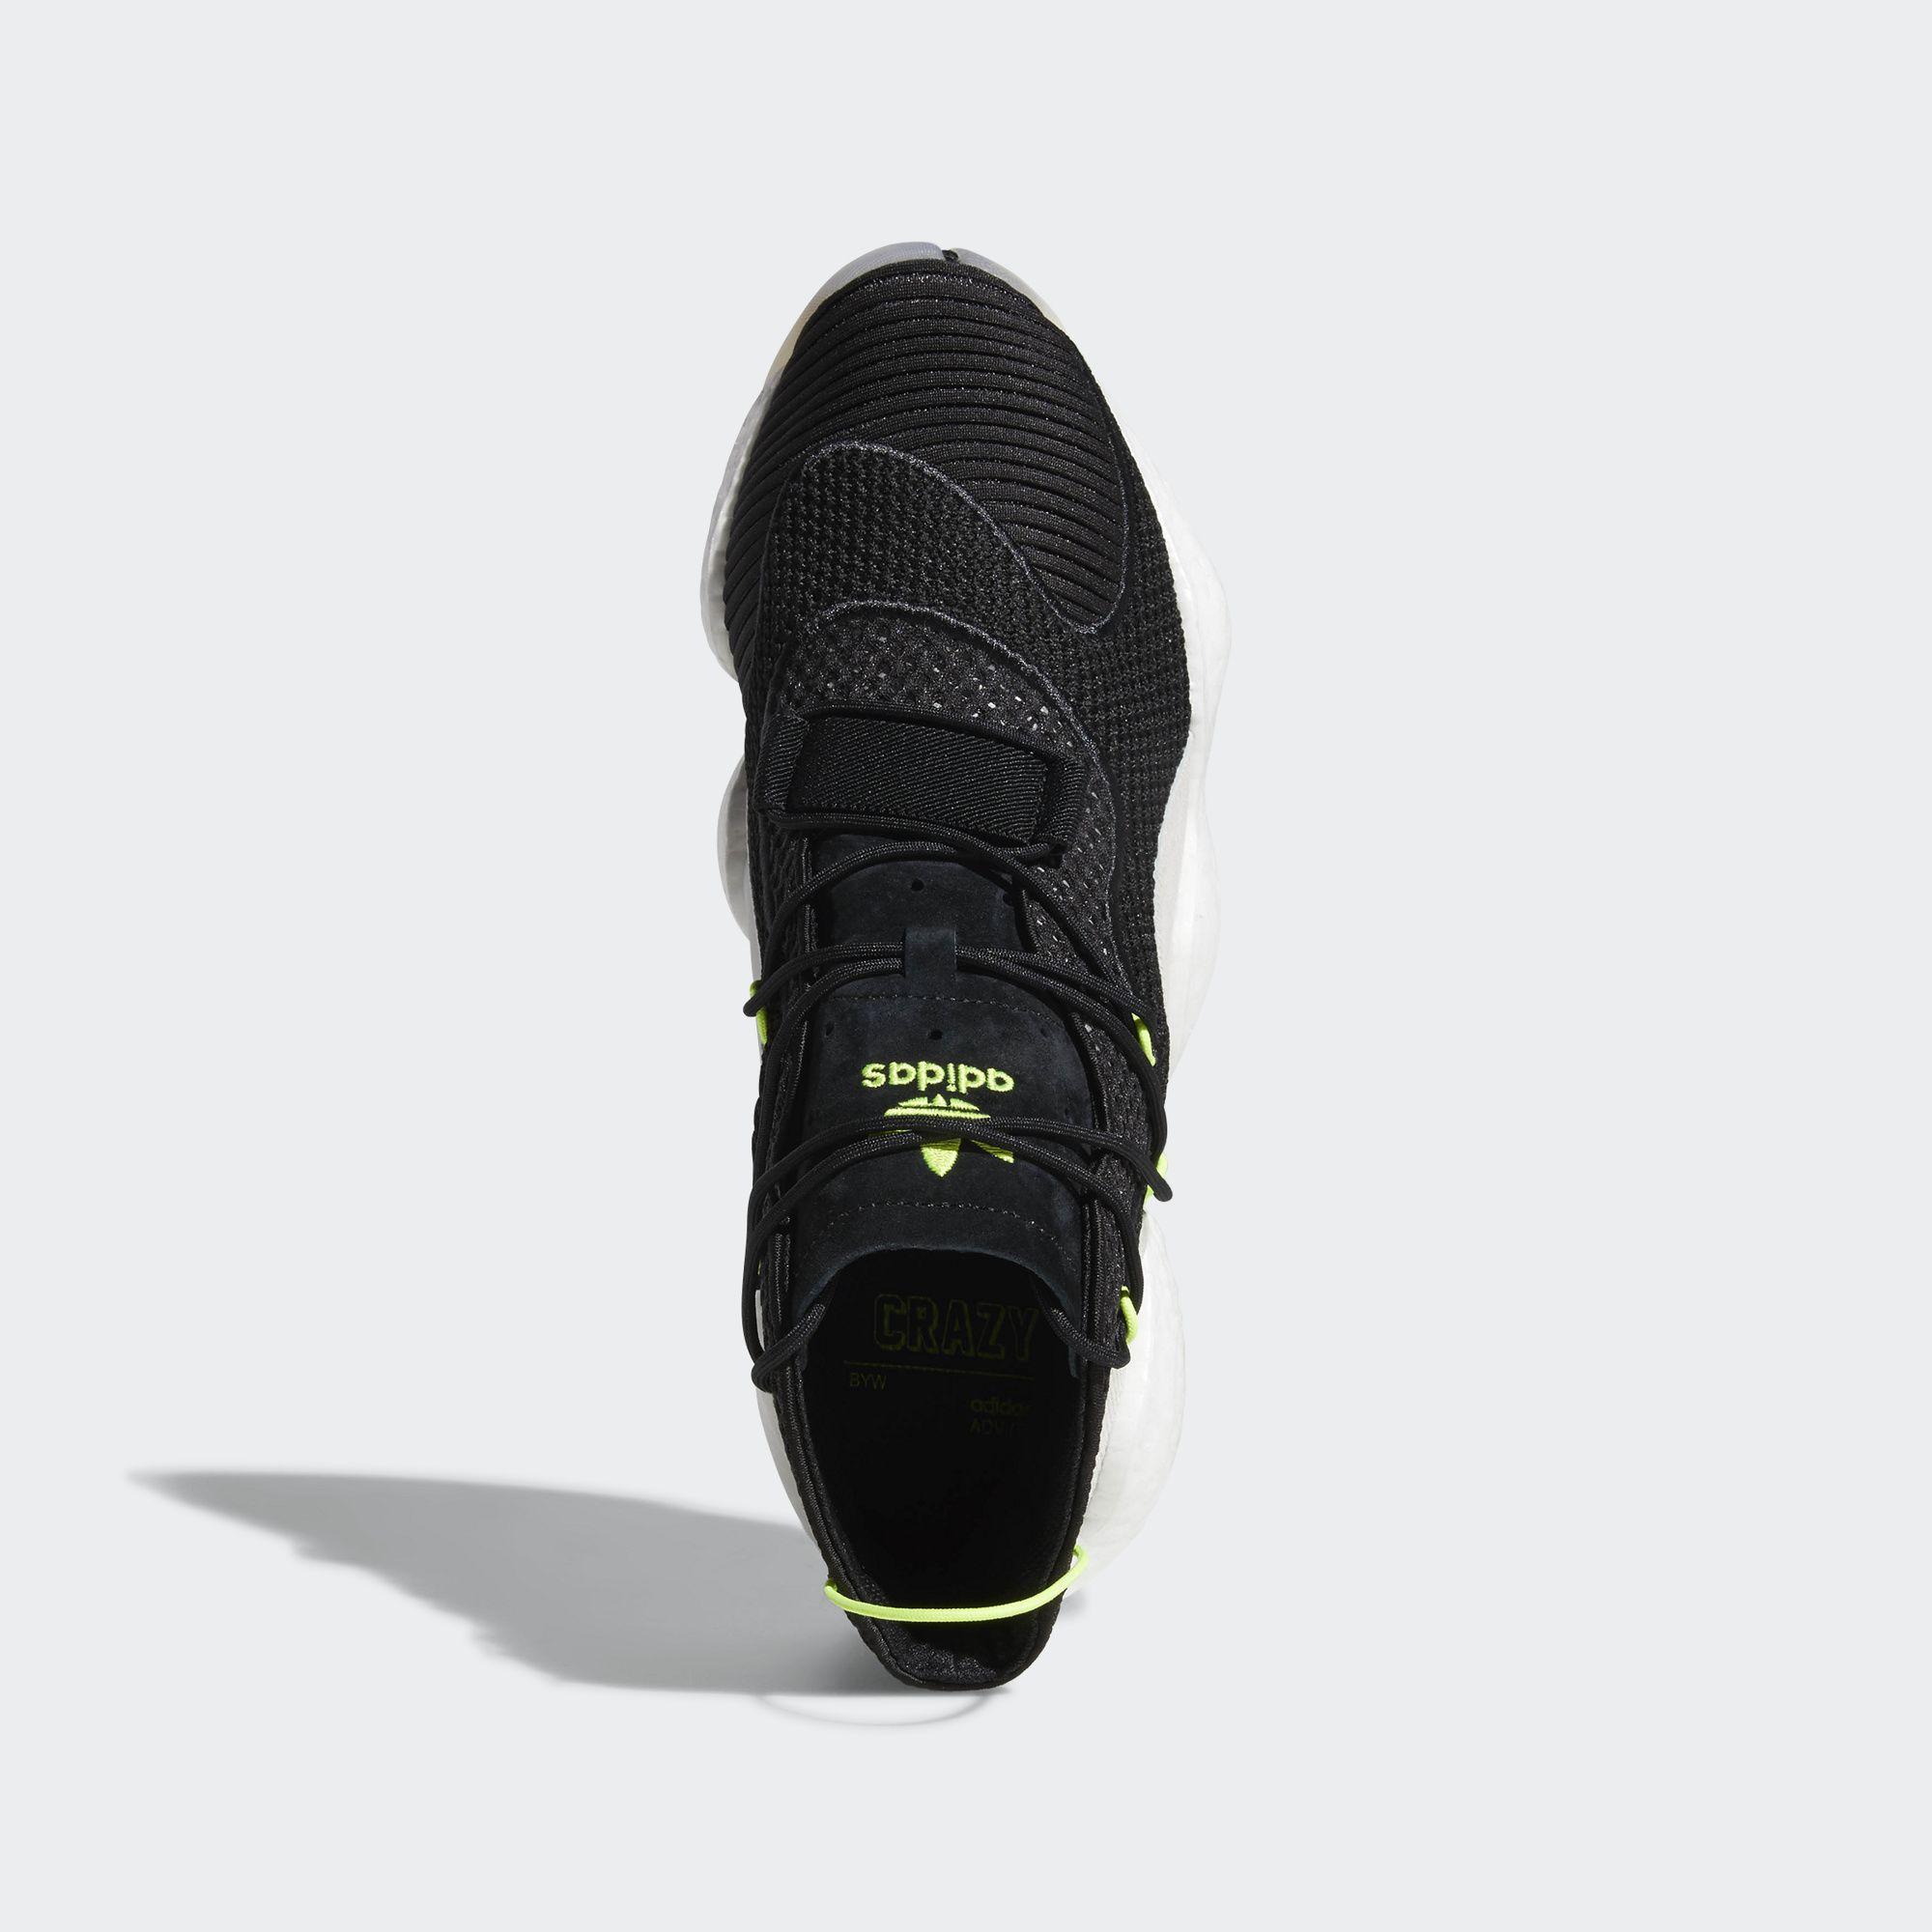 adidas BYW Black:Volt 5